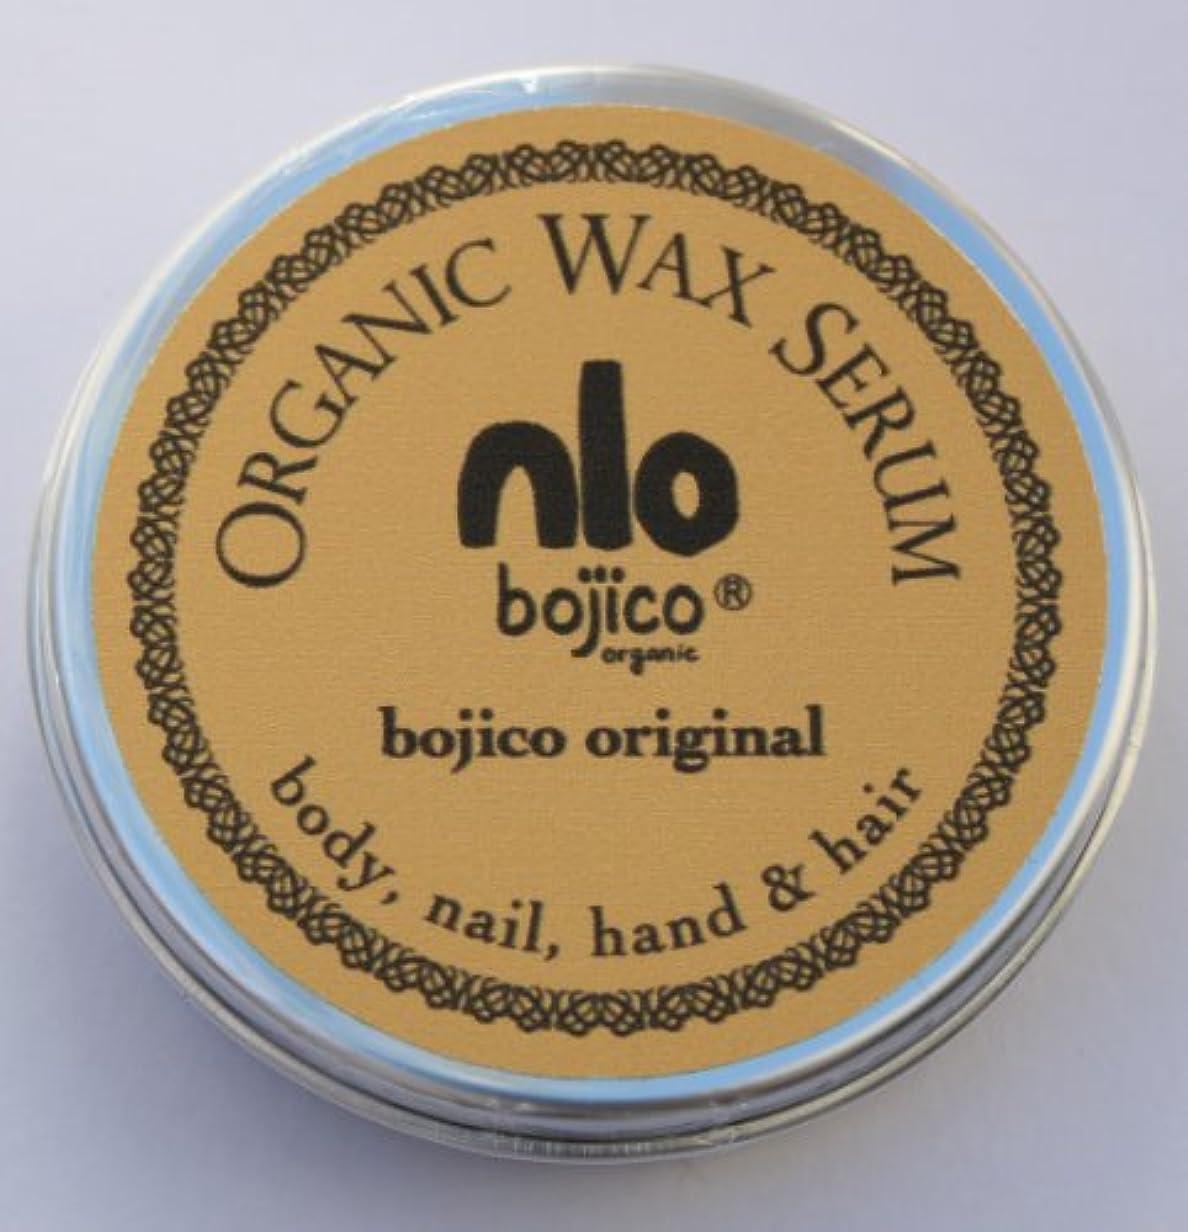 周辺気味の悪い豊かにするbojico オーガニック ワックス セラム<オリジナル> Organic Wax Serum 40g